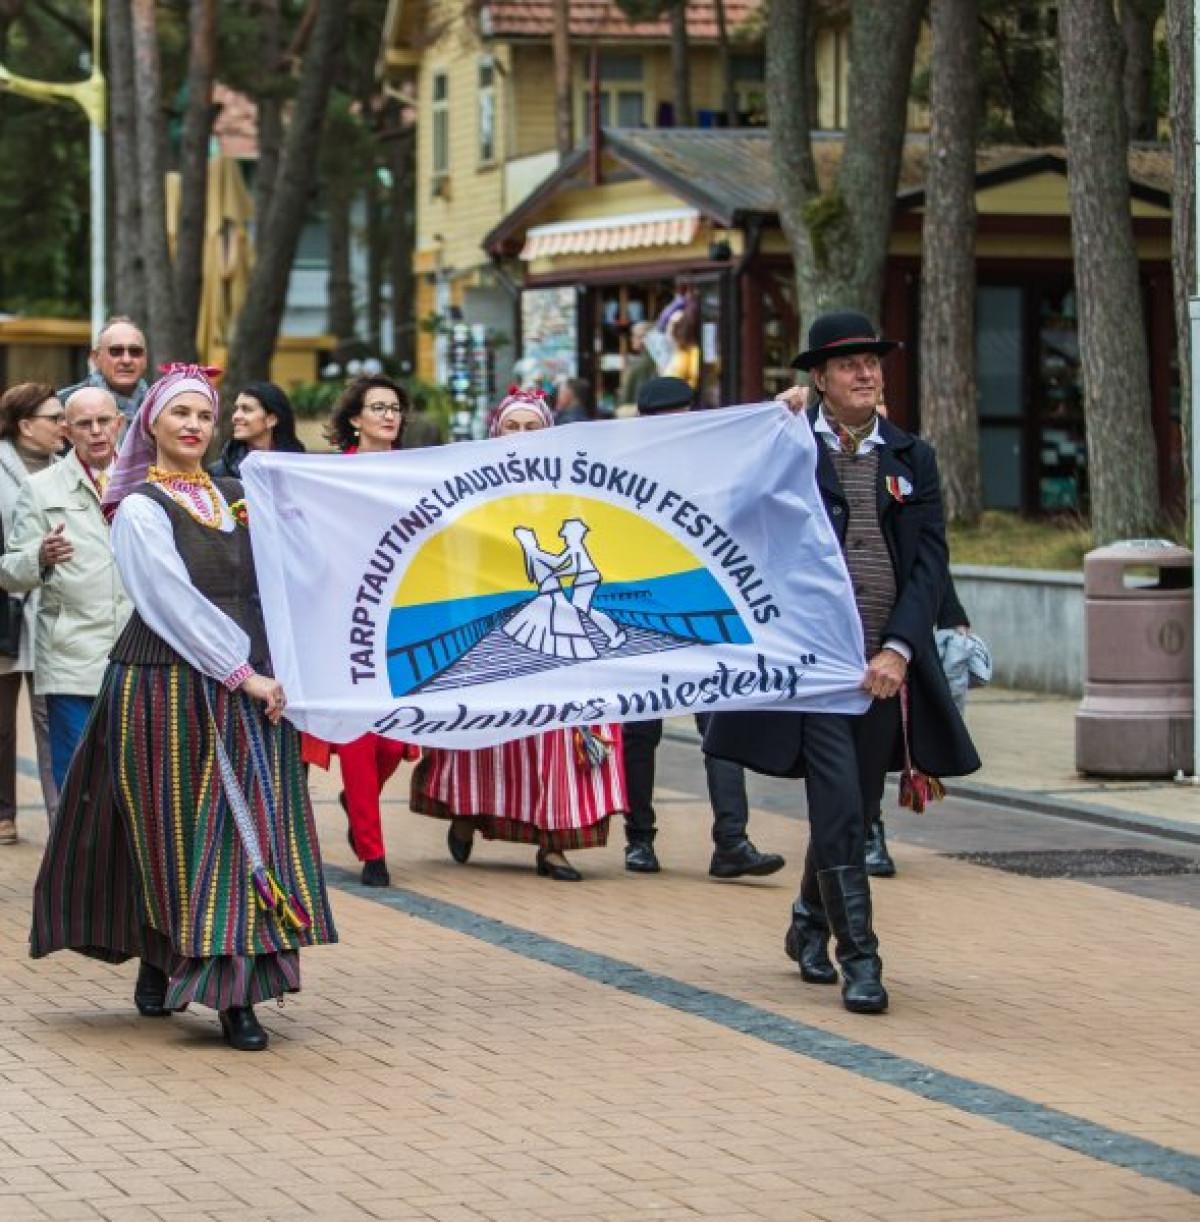 """Palanga kviečia pasišokti – savaitgalį kurorte vyks tarptautinis liaudiškų šokių festivalis """"Palangos miestely"""""""